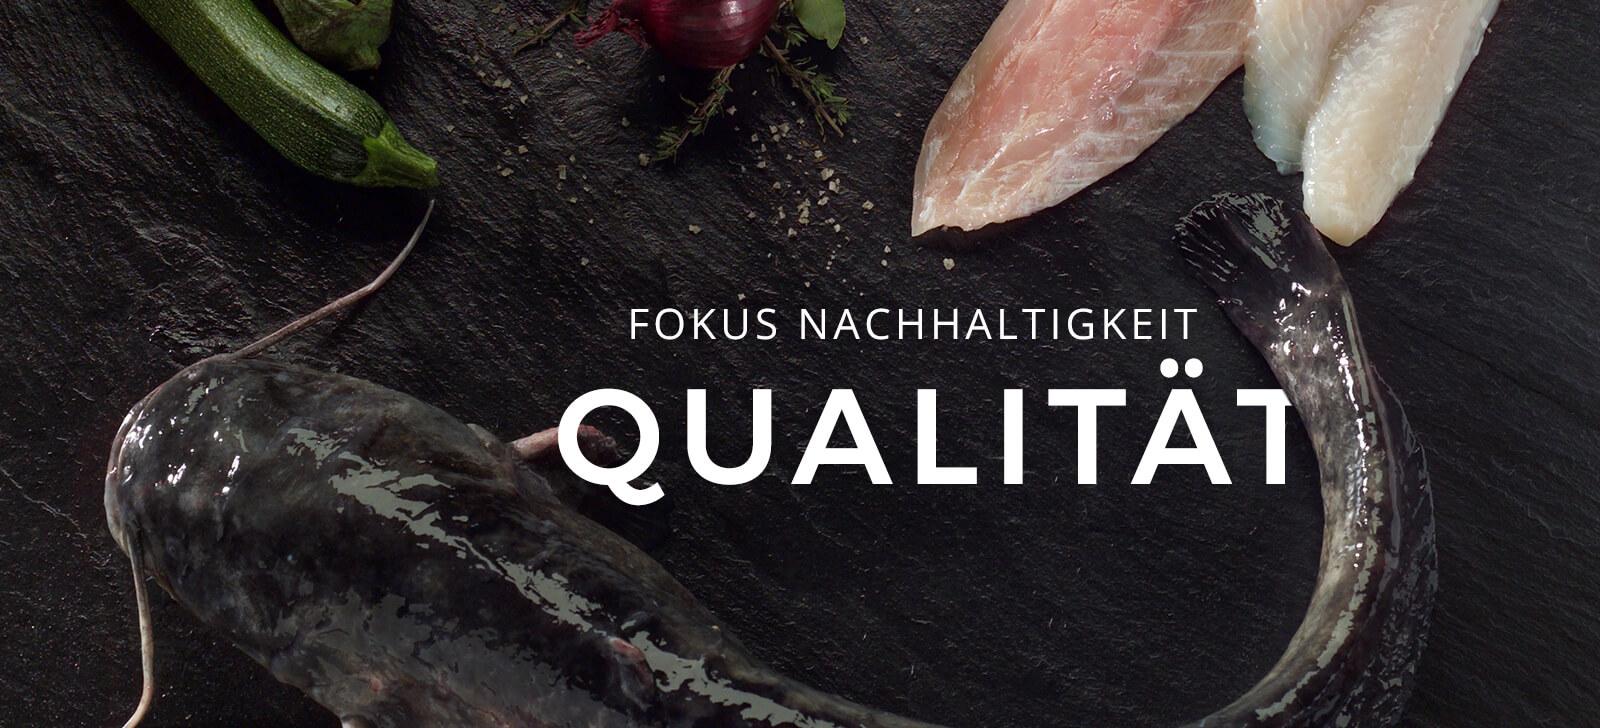 Fokus Nachhaltigkeit - Qualität